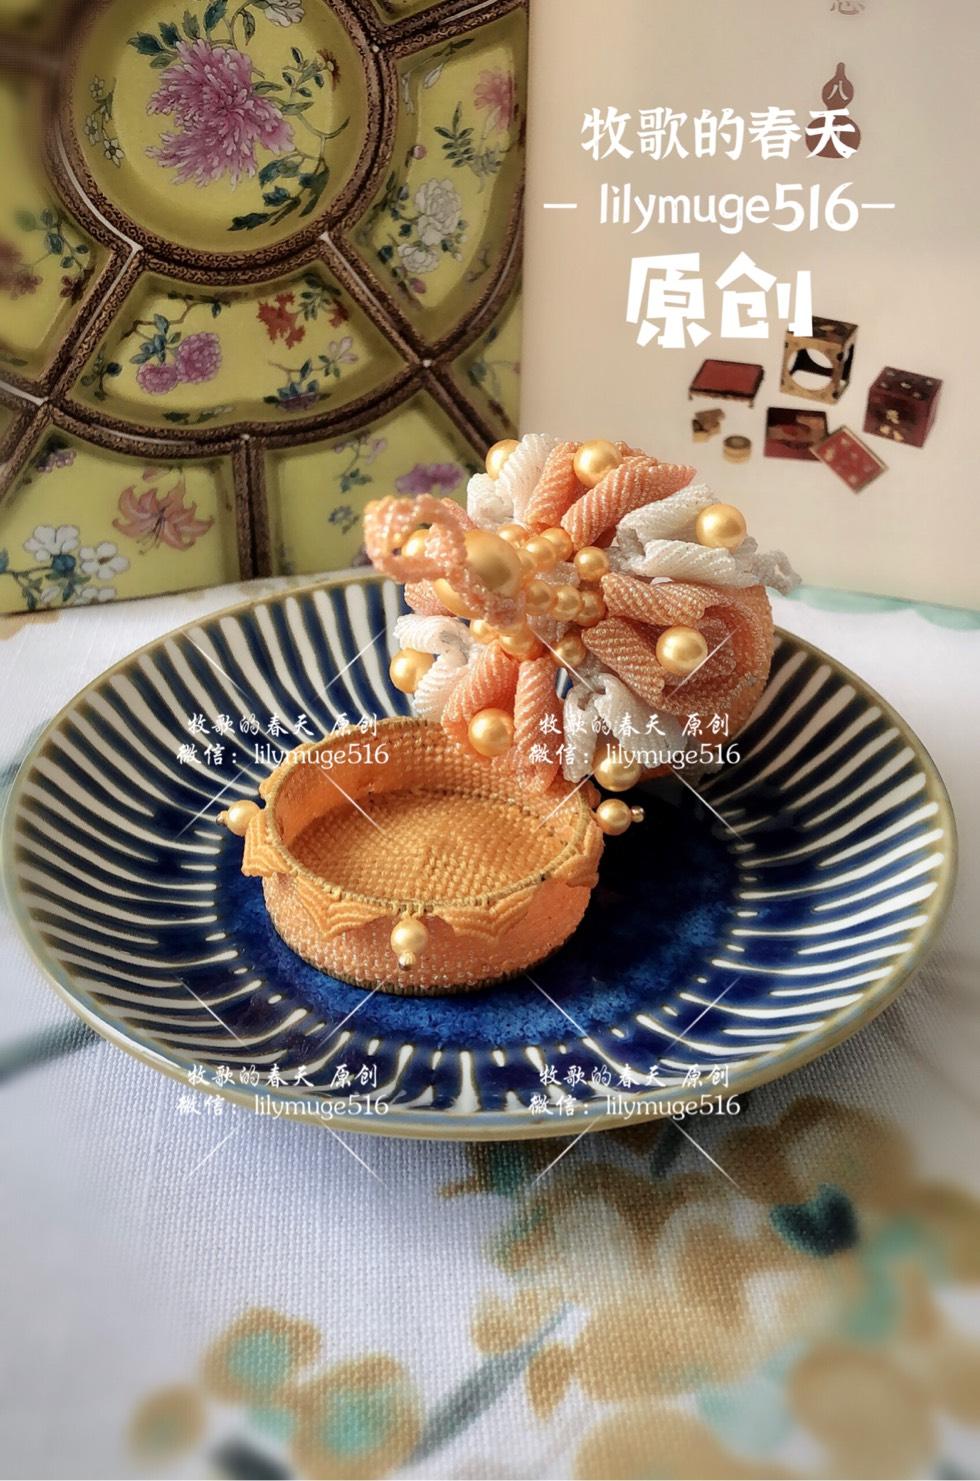 中国结论坛 原创作品 加冕锦盒 锦盒,斜卷结立体,礼盒 作品展示 103618x0dxx4p42n2x4q6n